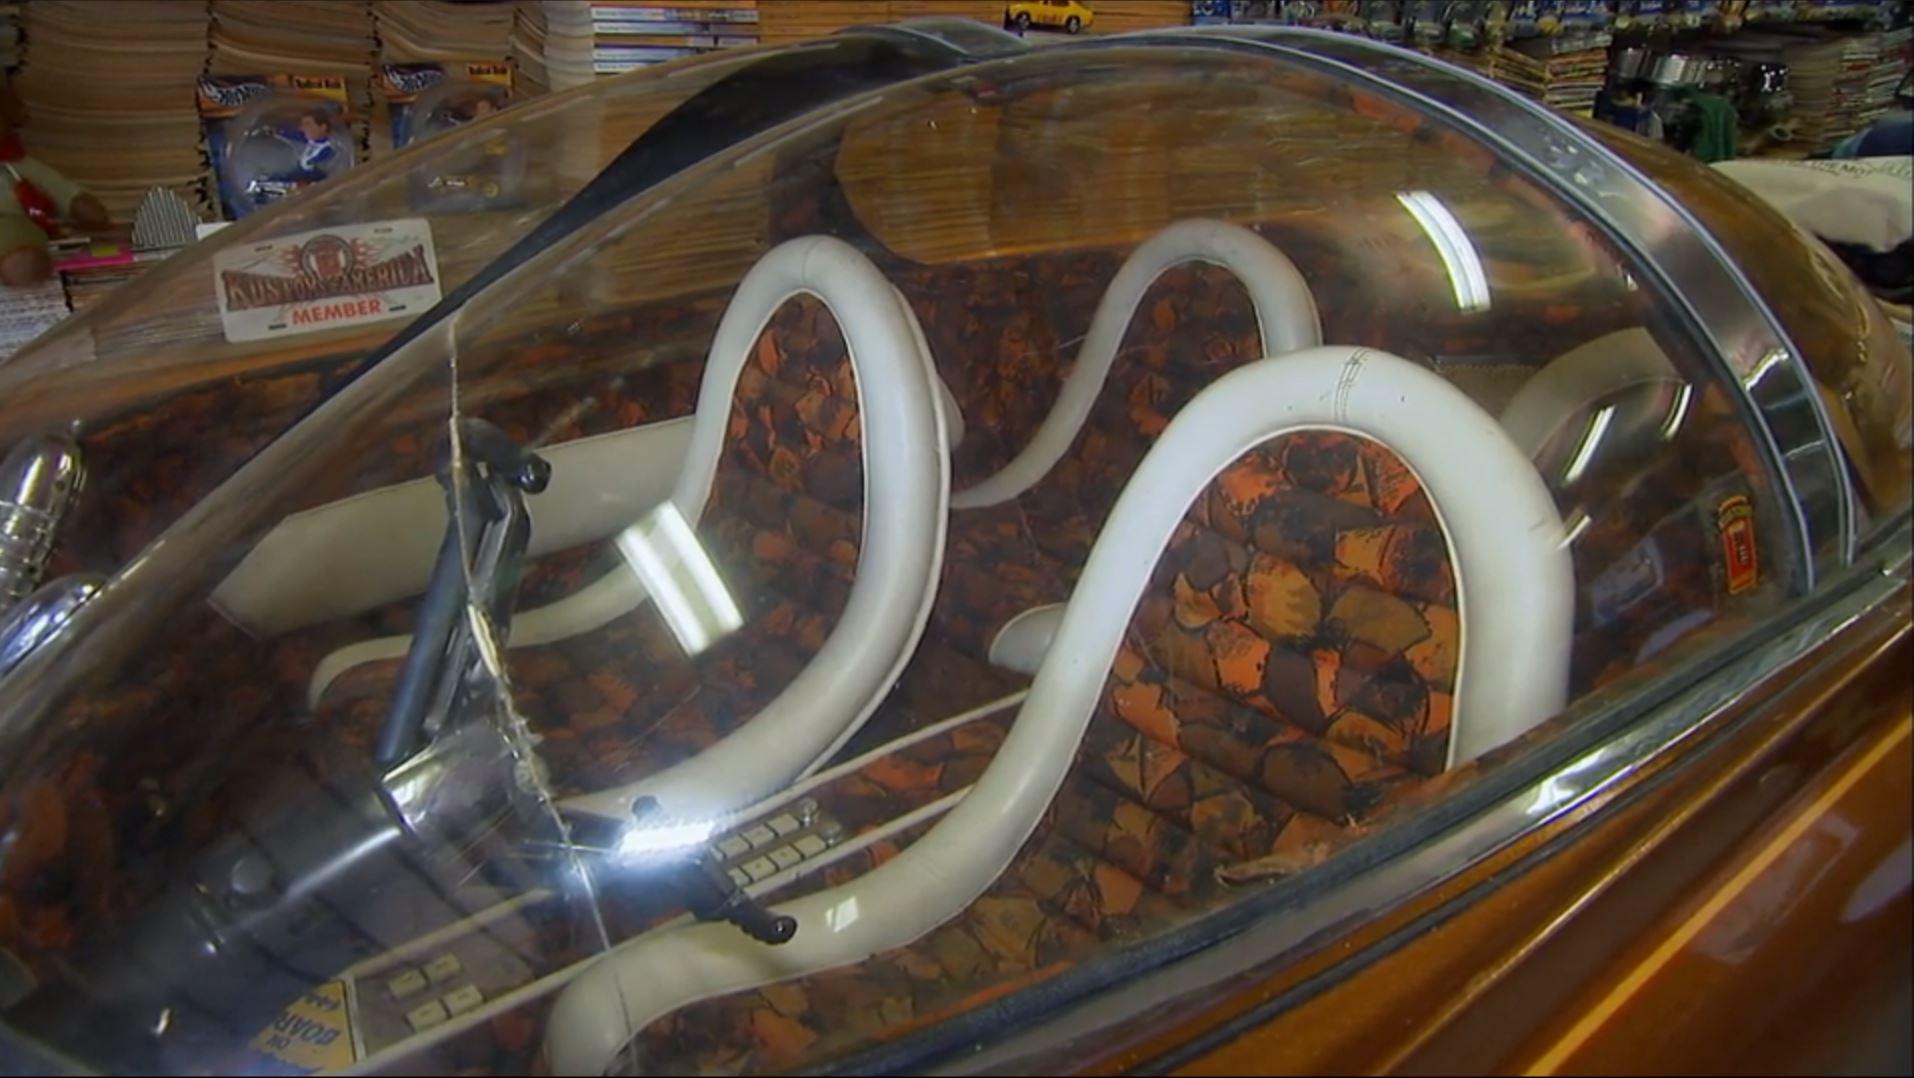 The Forcasta golden bubble car interior